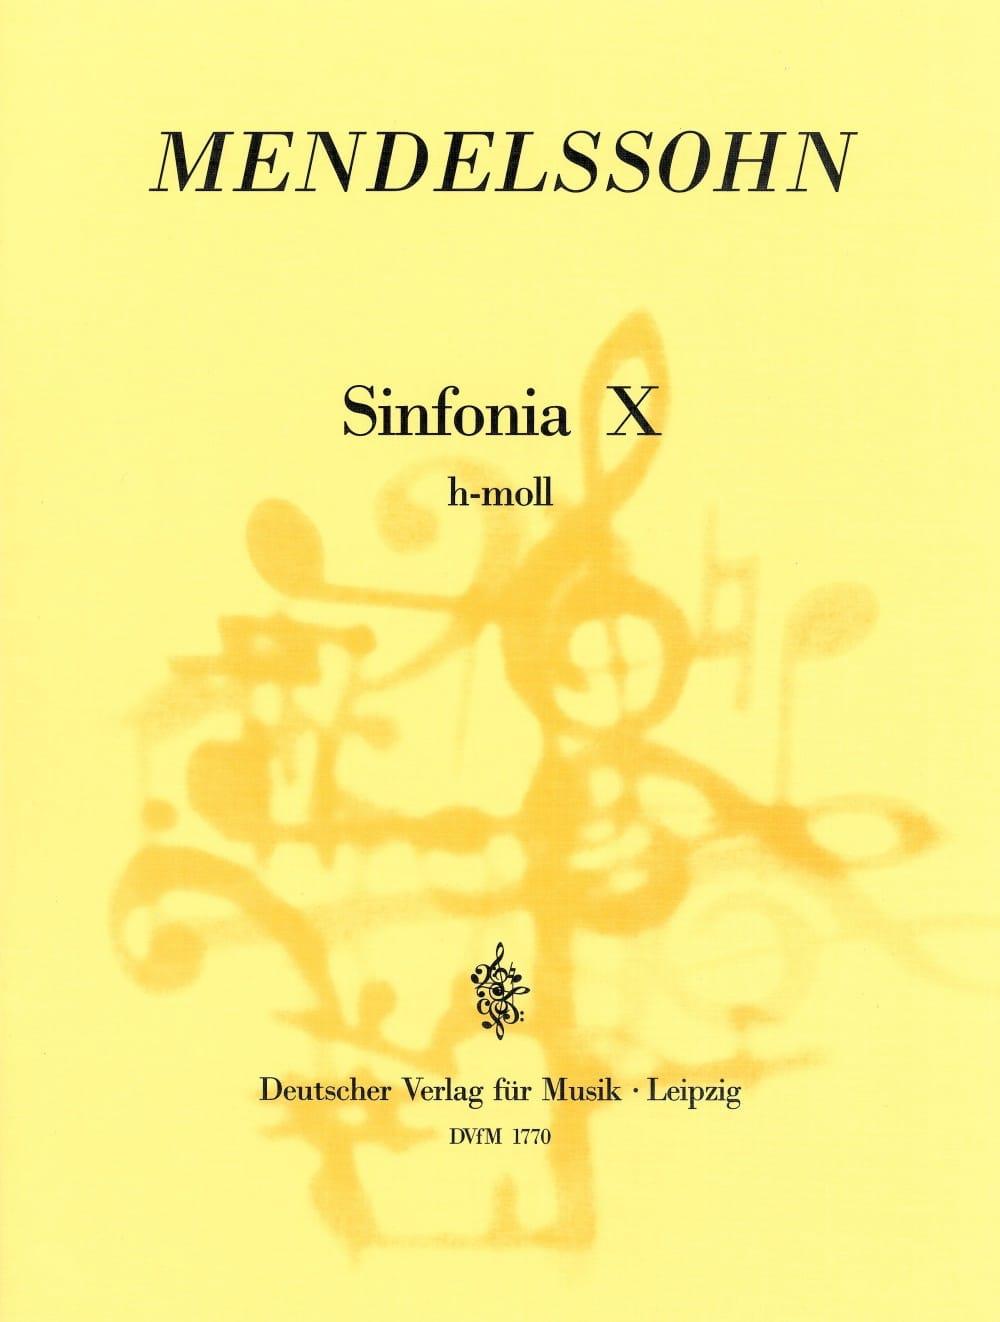 Sinfonia Nr. 10 h-moll - Partitur - MENDELSSOHN - laflutedepan.com